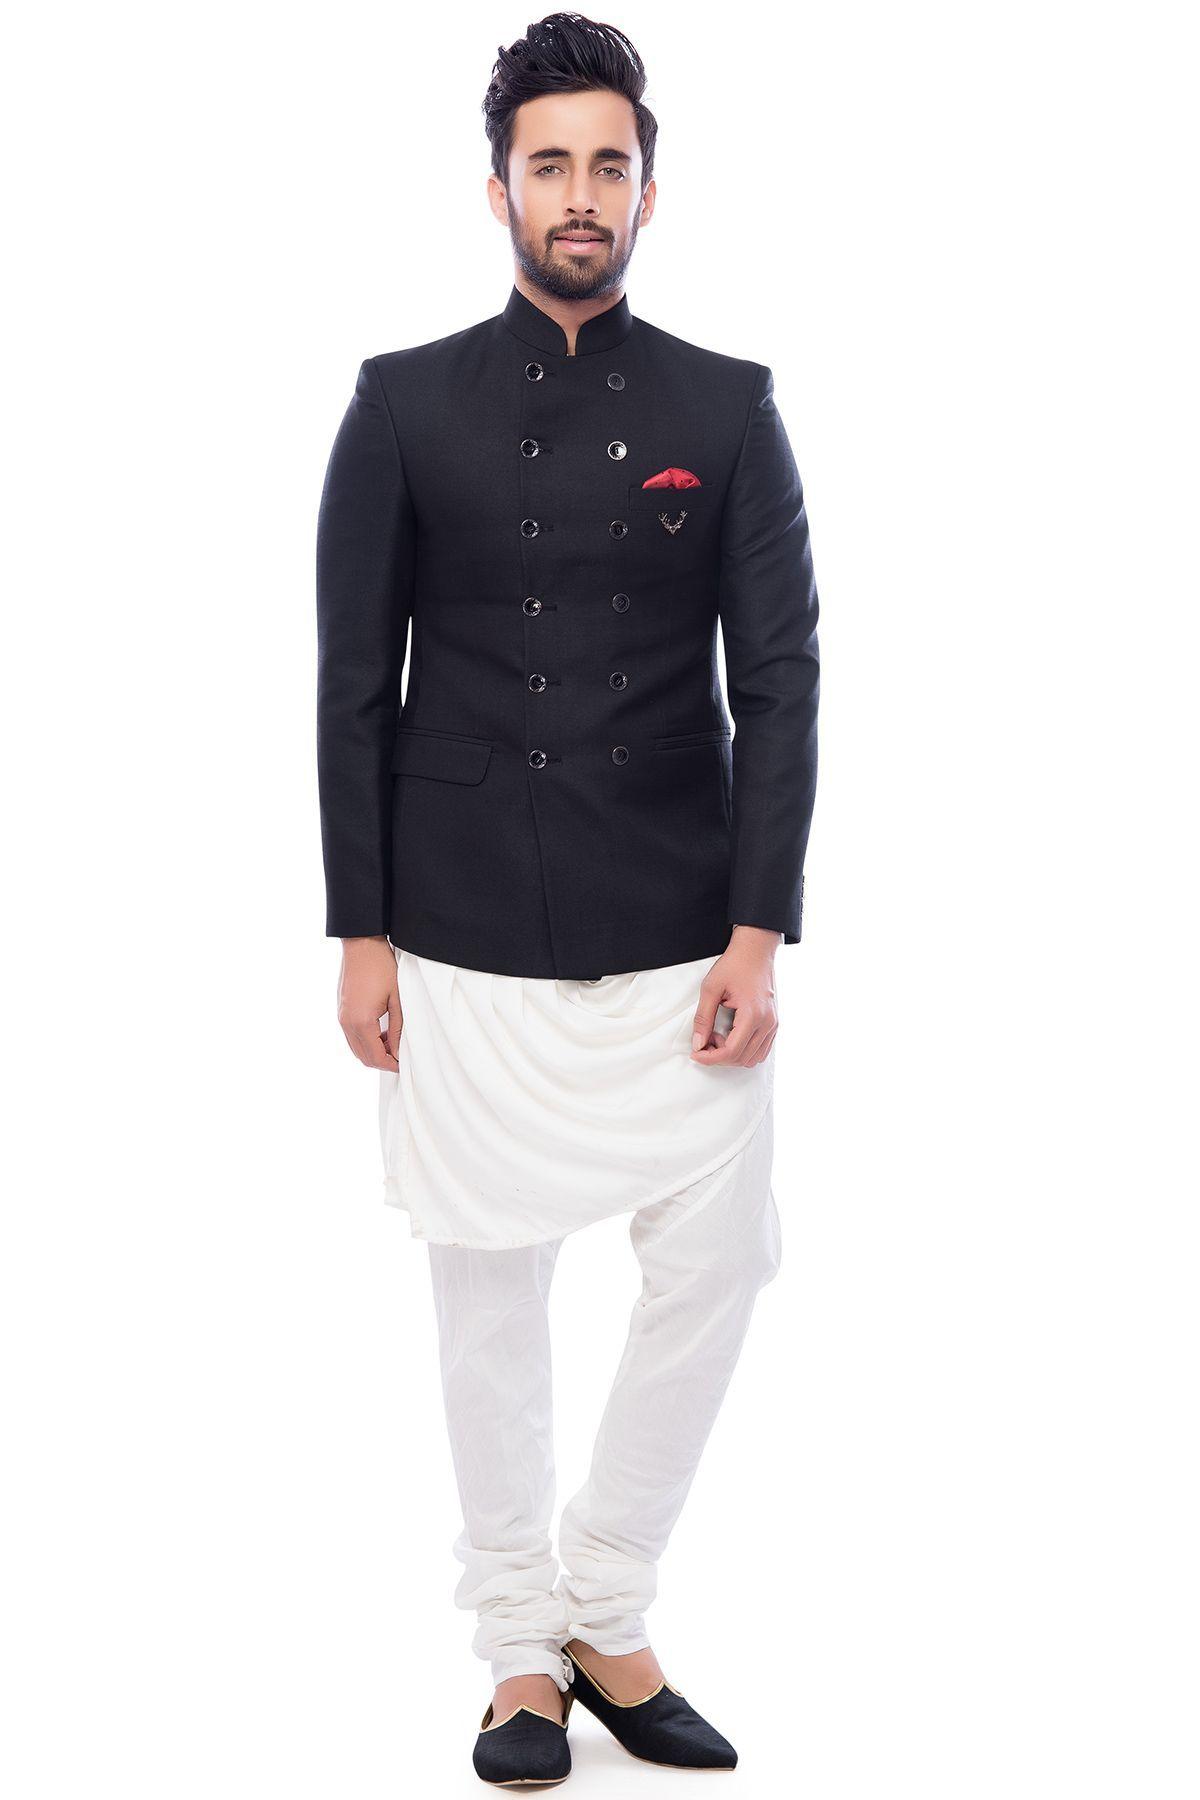 Black \u0026amp; White Italian Jodhpuri Suit